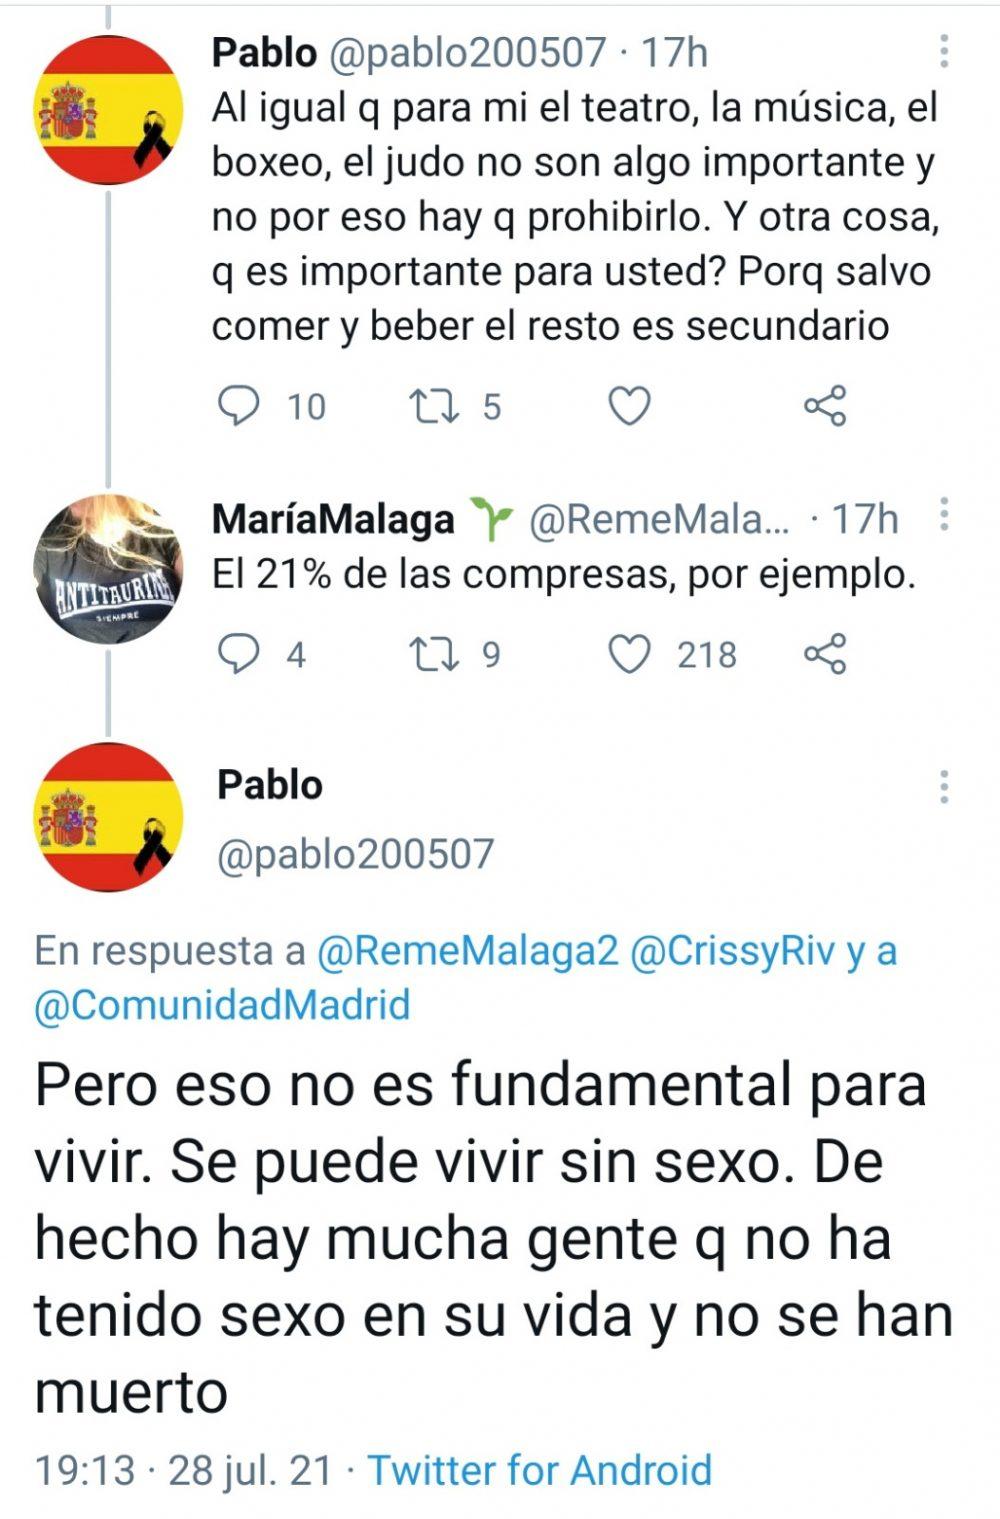 Pablo, experto en mujeres.